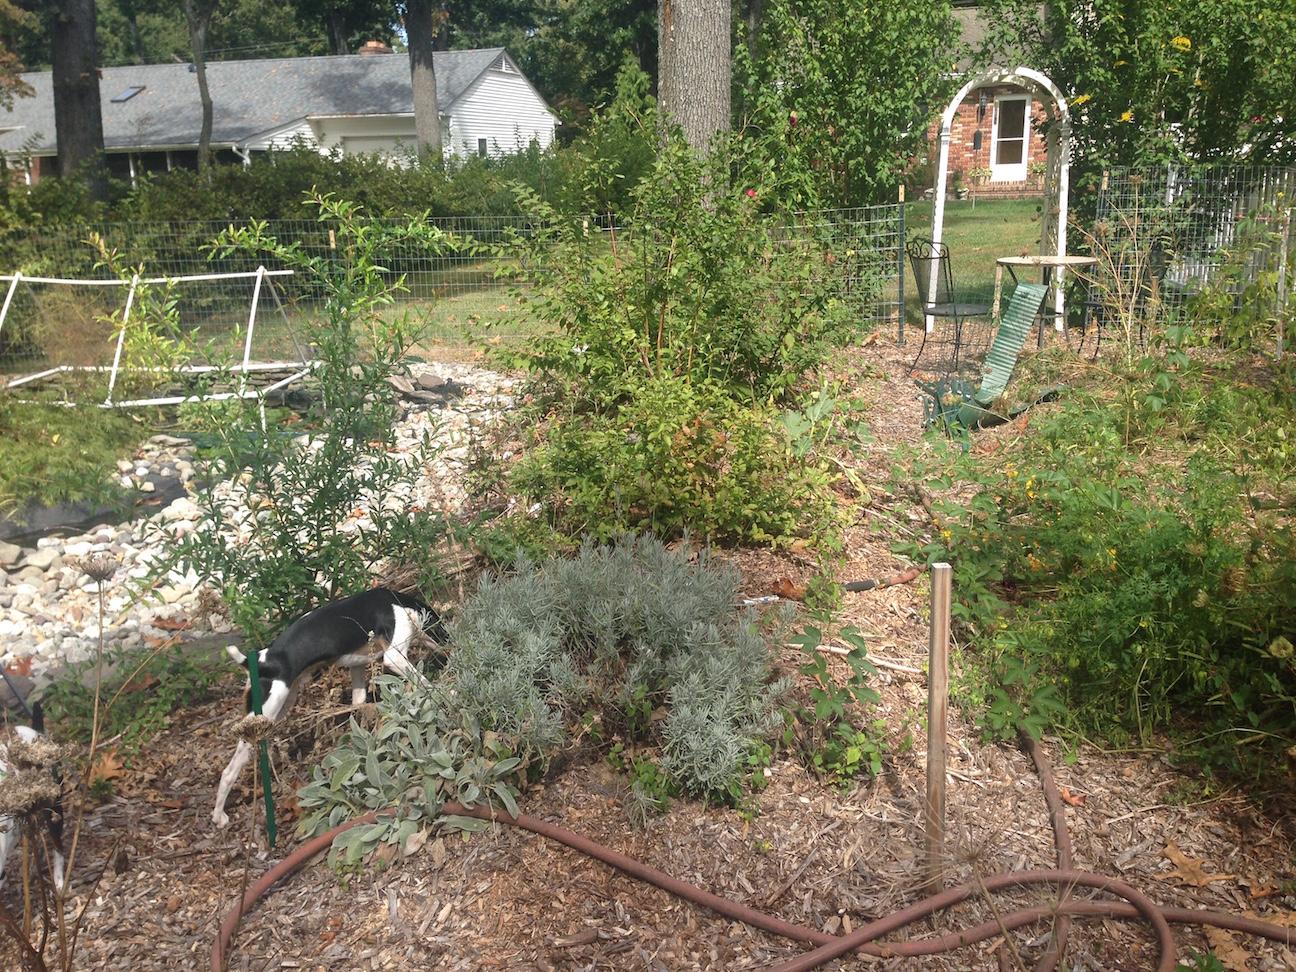 Hugelkultur Permaculture Garden